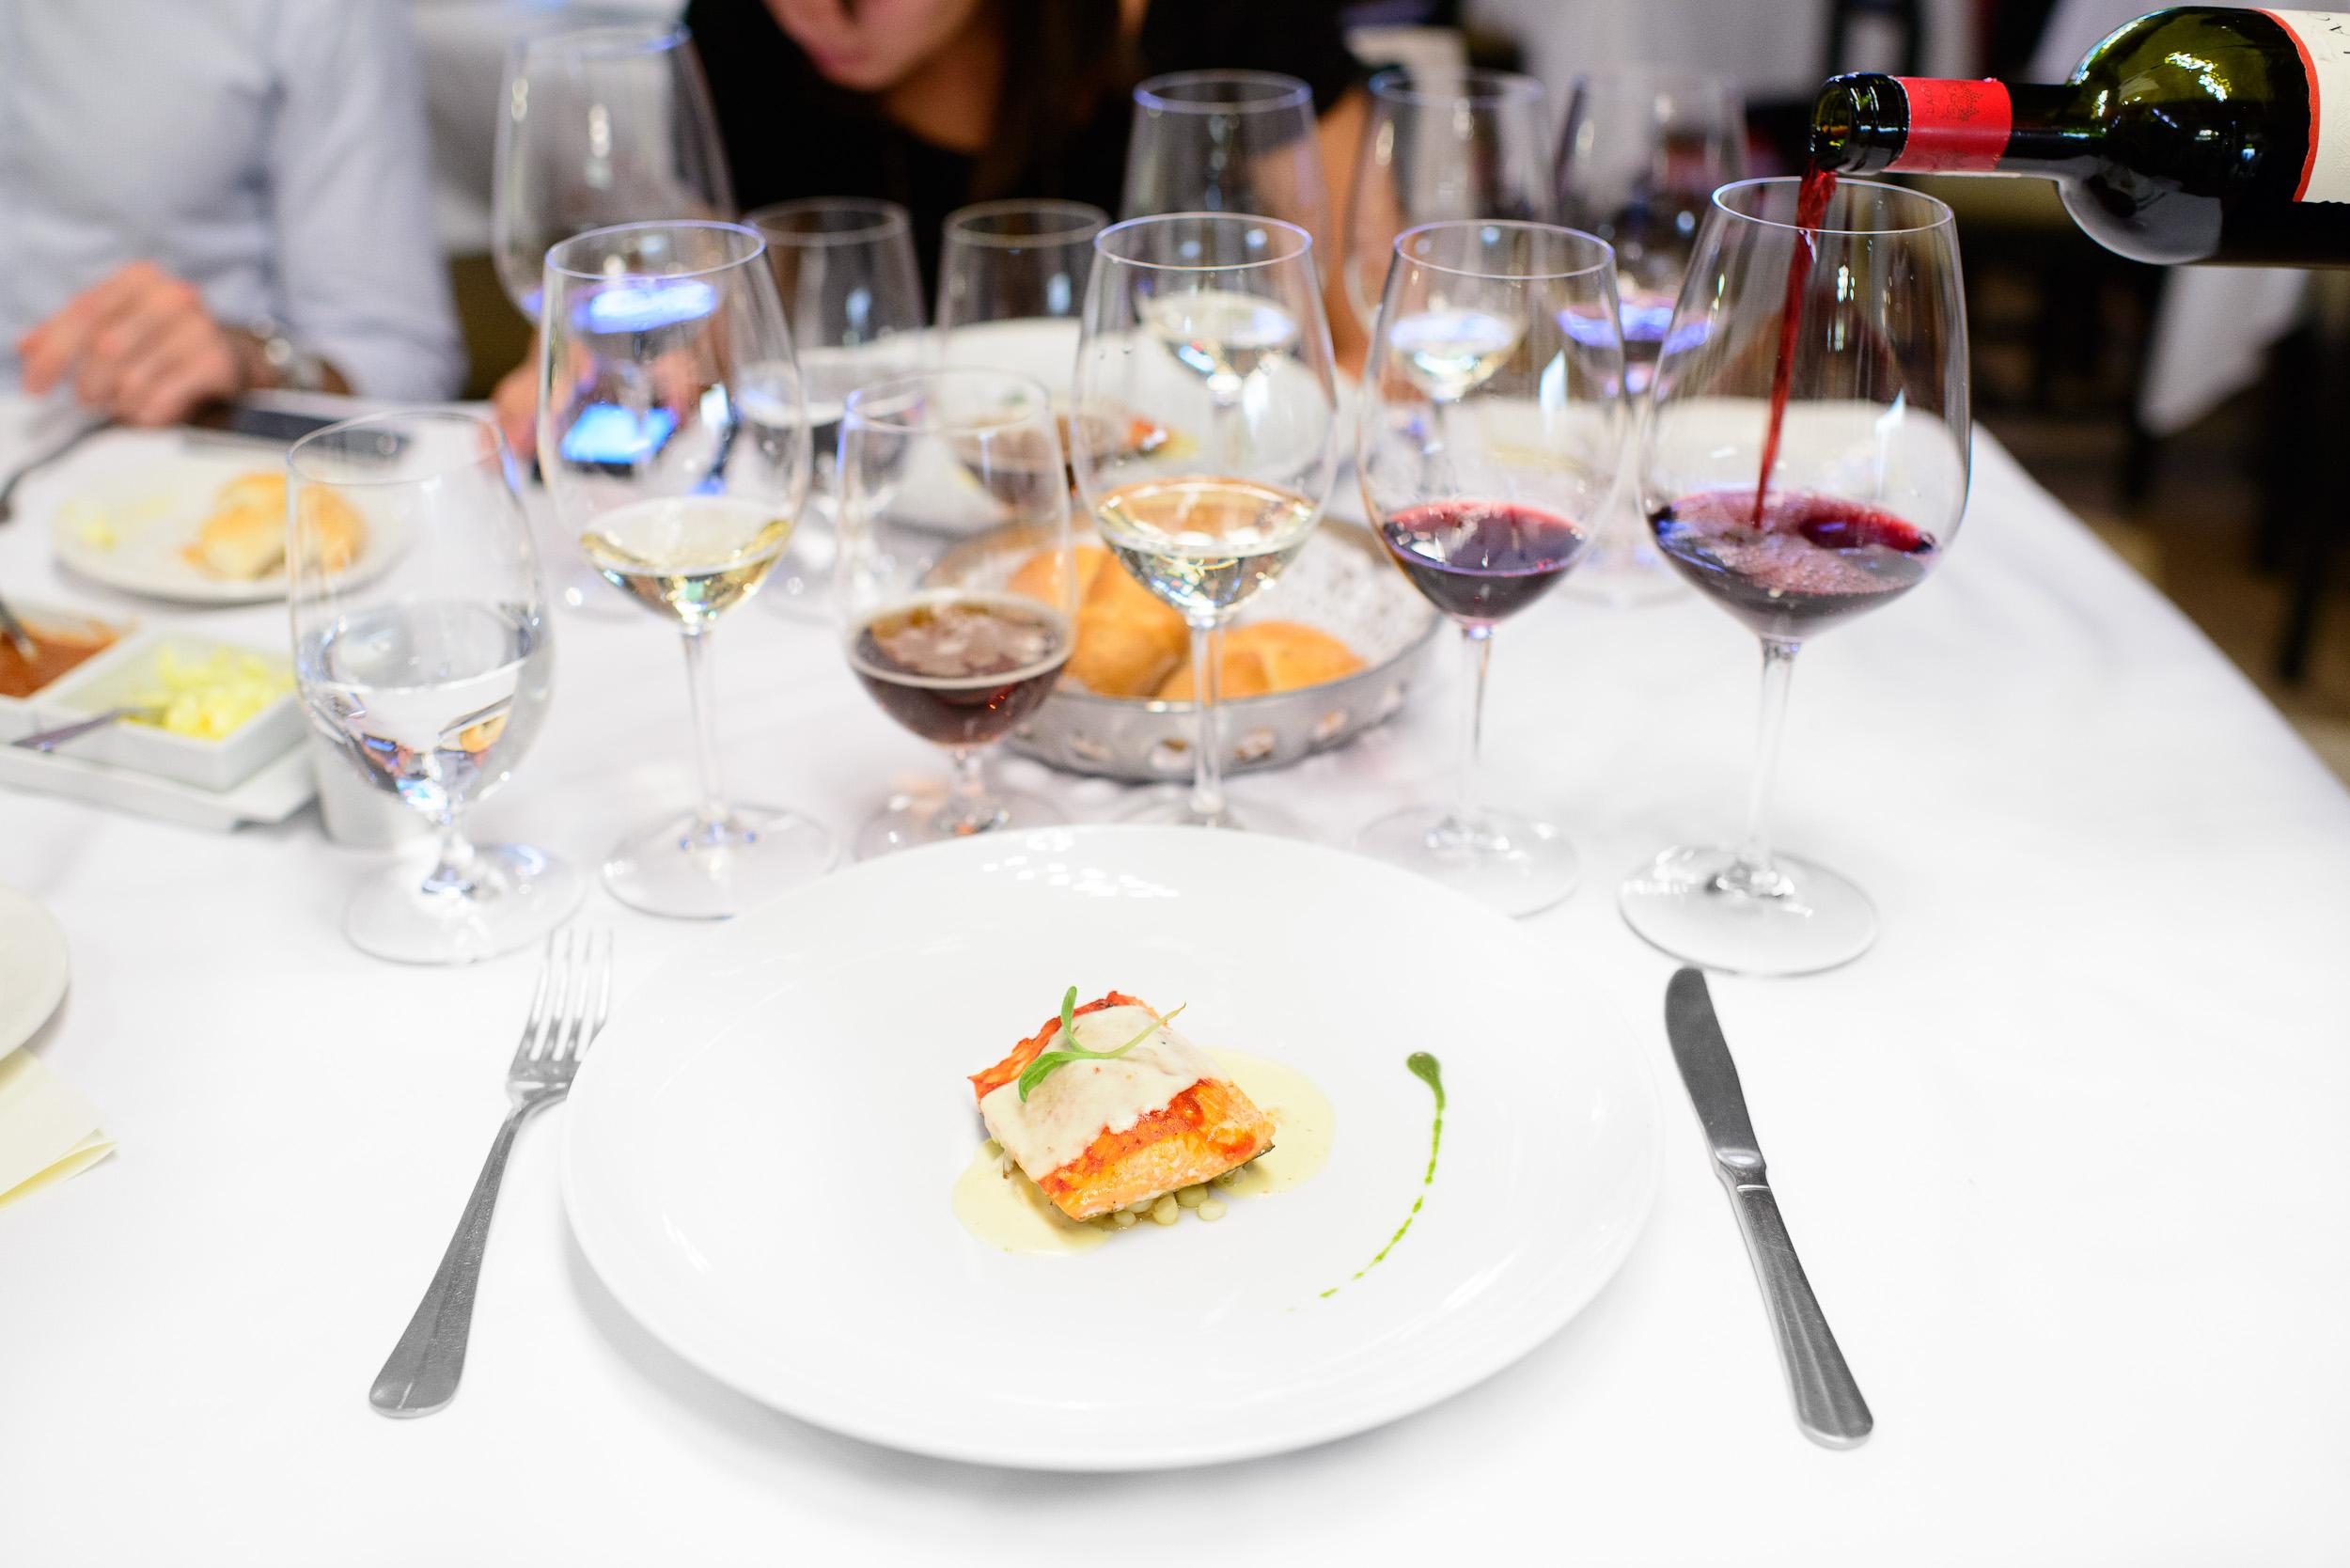 7th Course: Nuestro salmón marinado en adobo y preparada a las